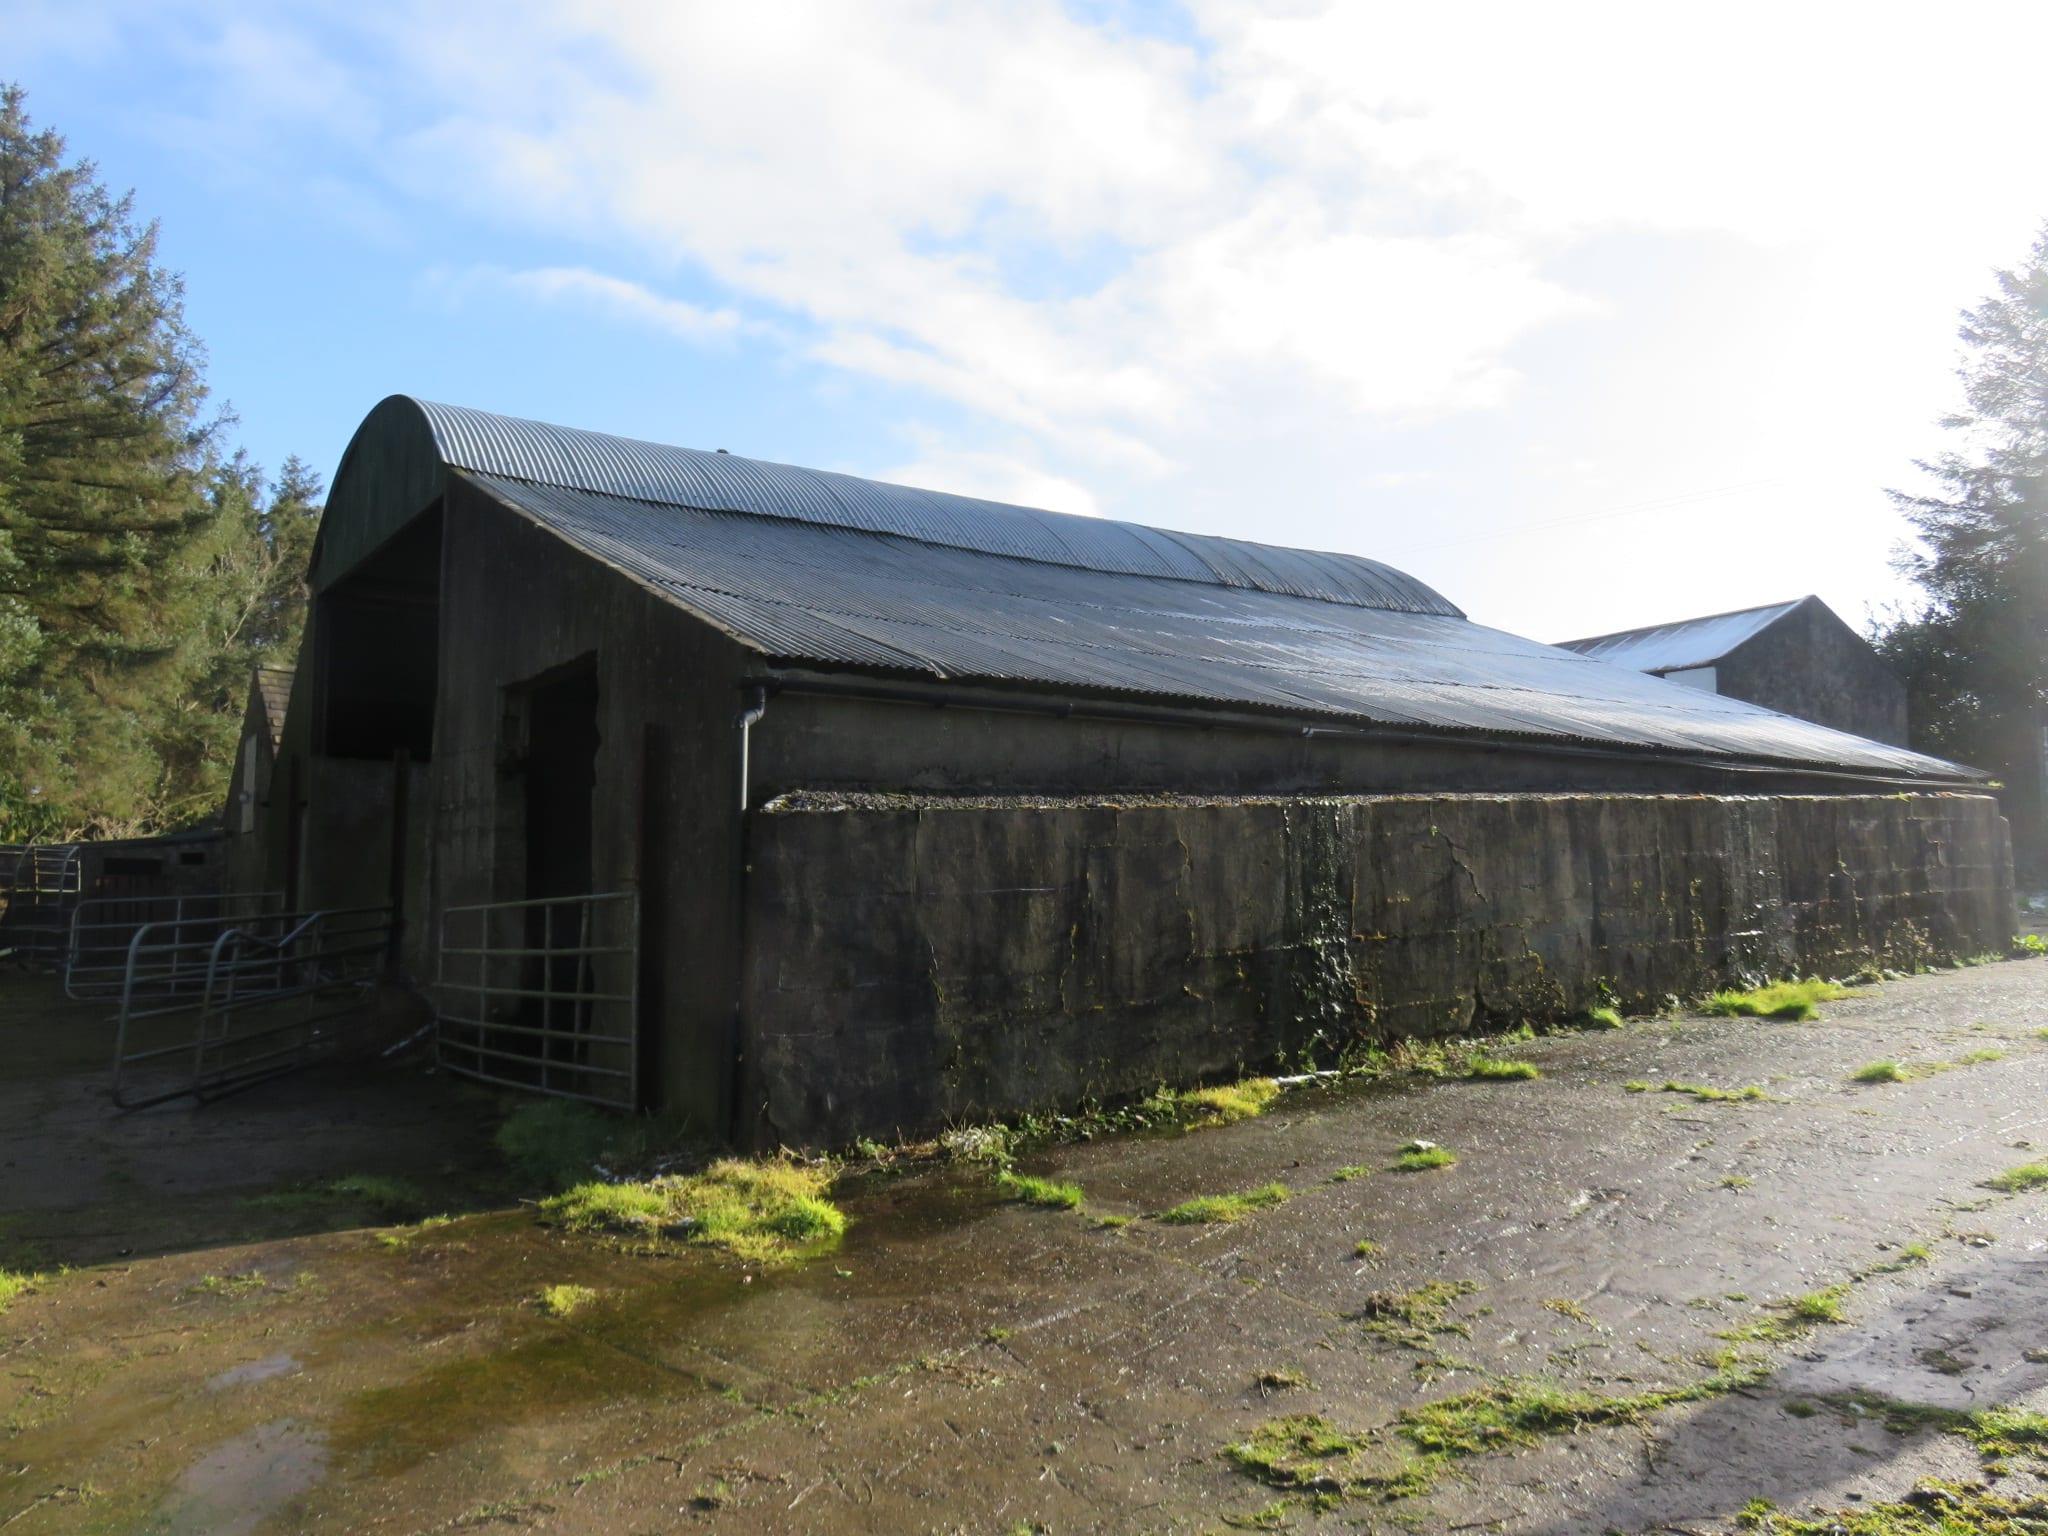 15. Farm Sheds